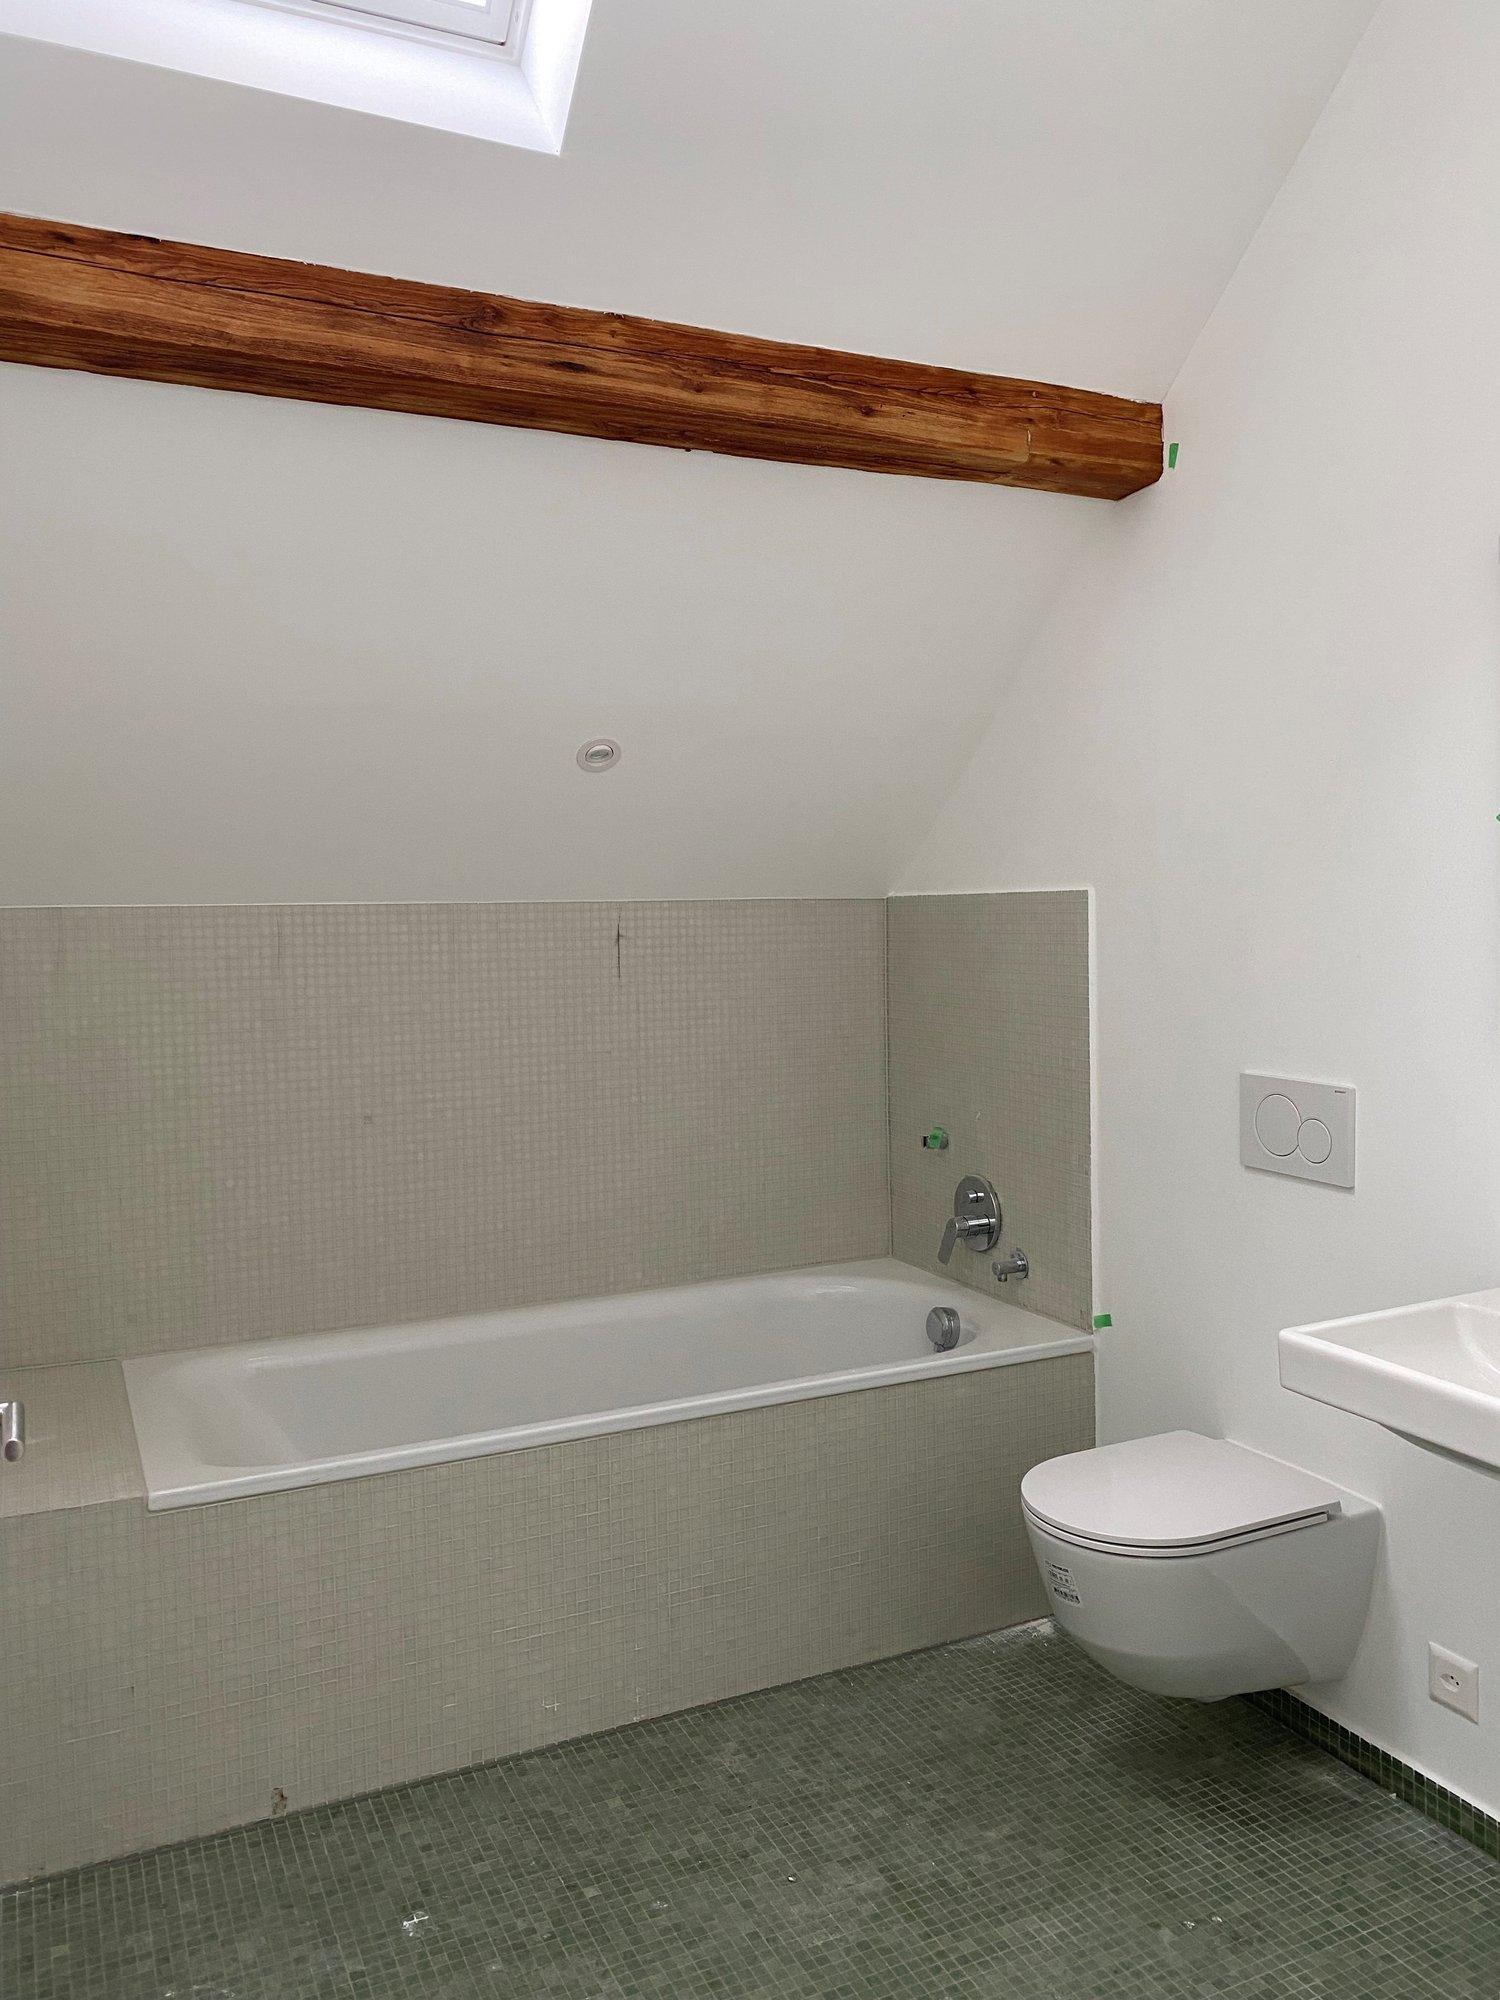 Bad/WC im oberen Stockwerk - Vorschau